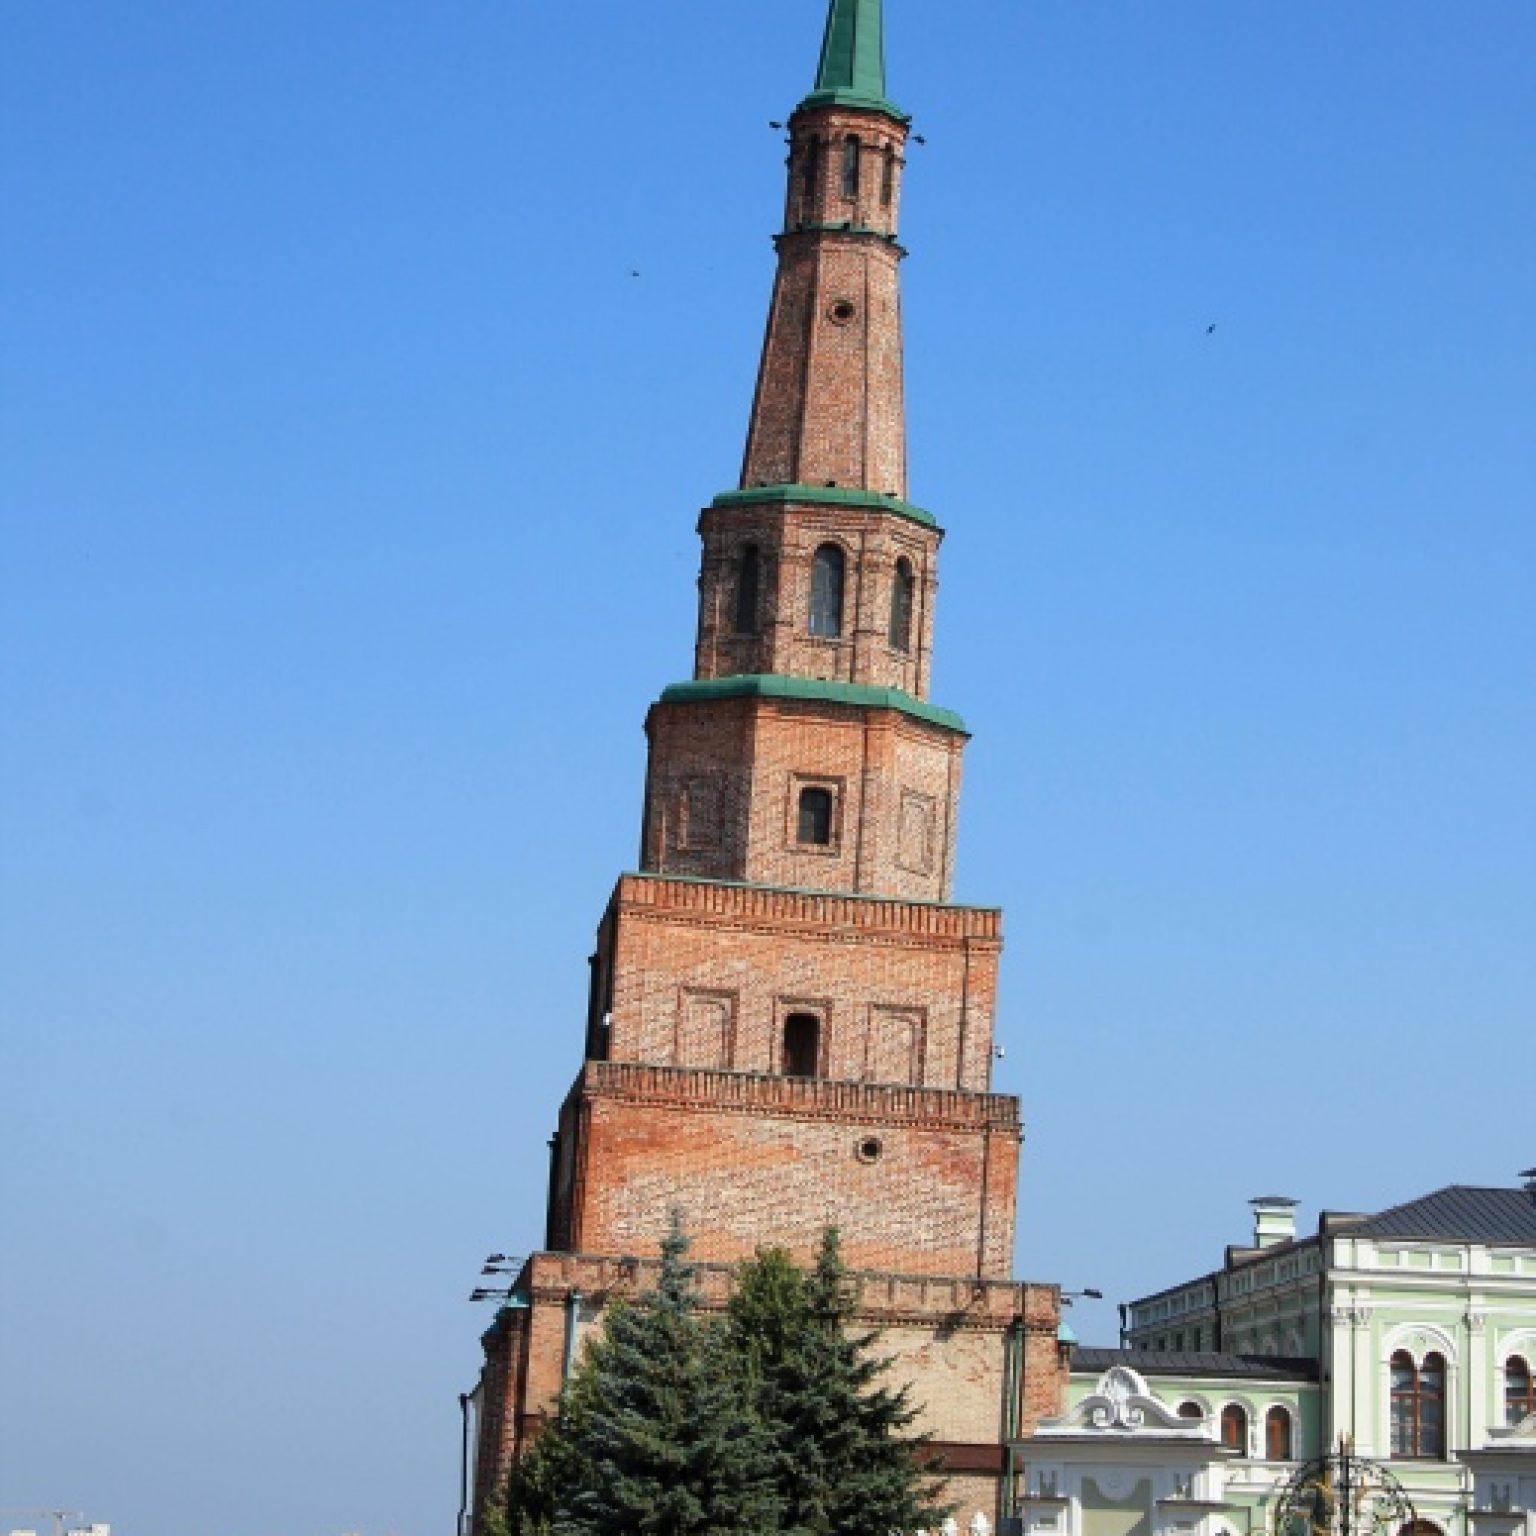 Достопримечательности Казани: башня Сююмбике